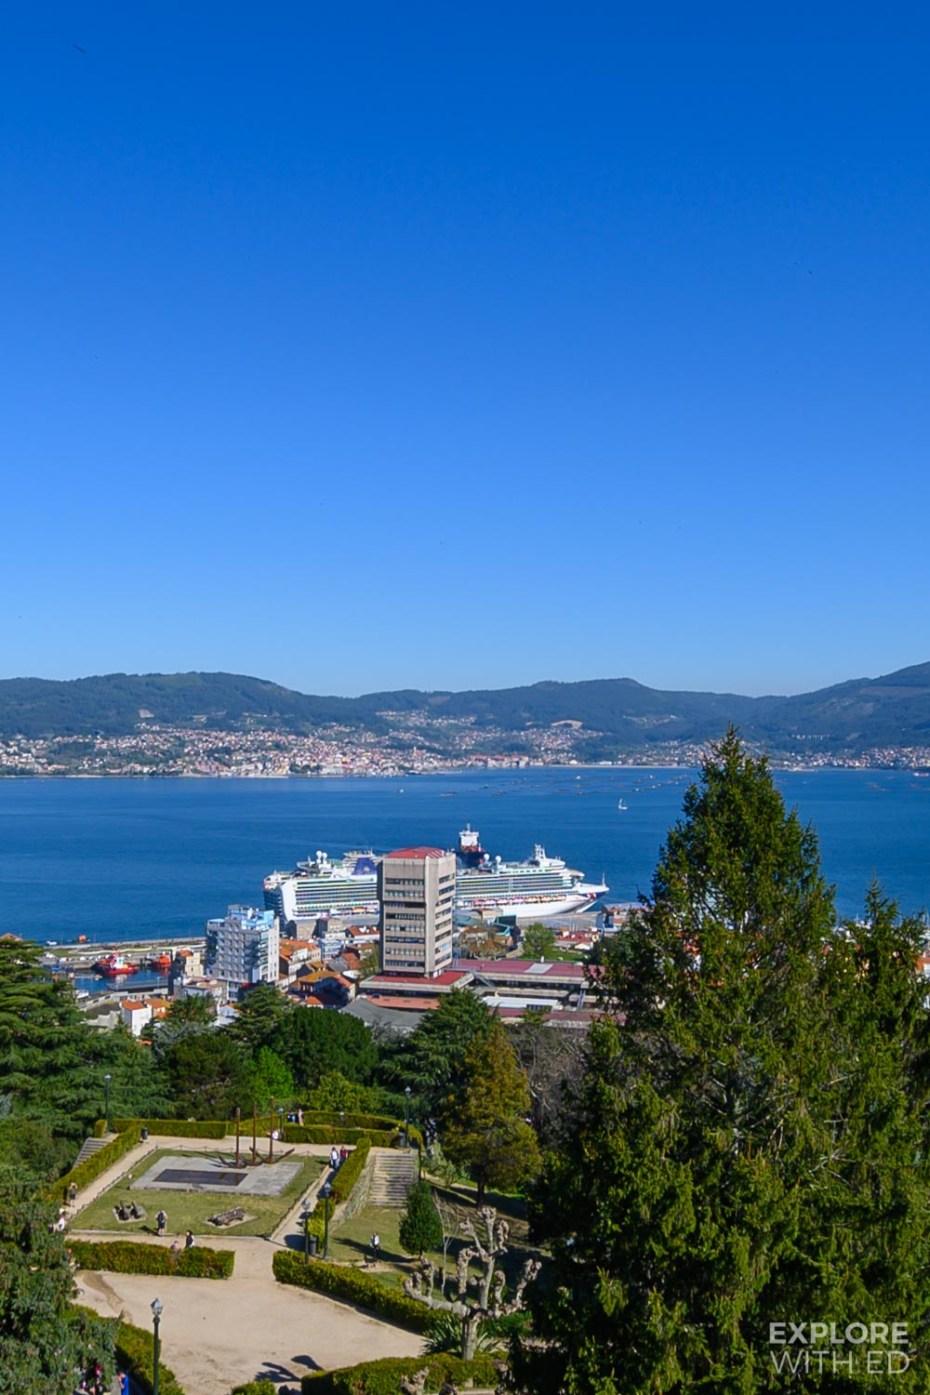 Cruising to the port of Vigo, Spain